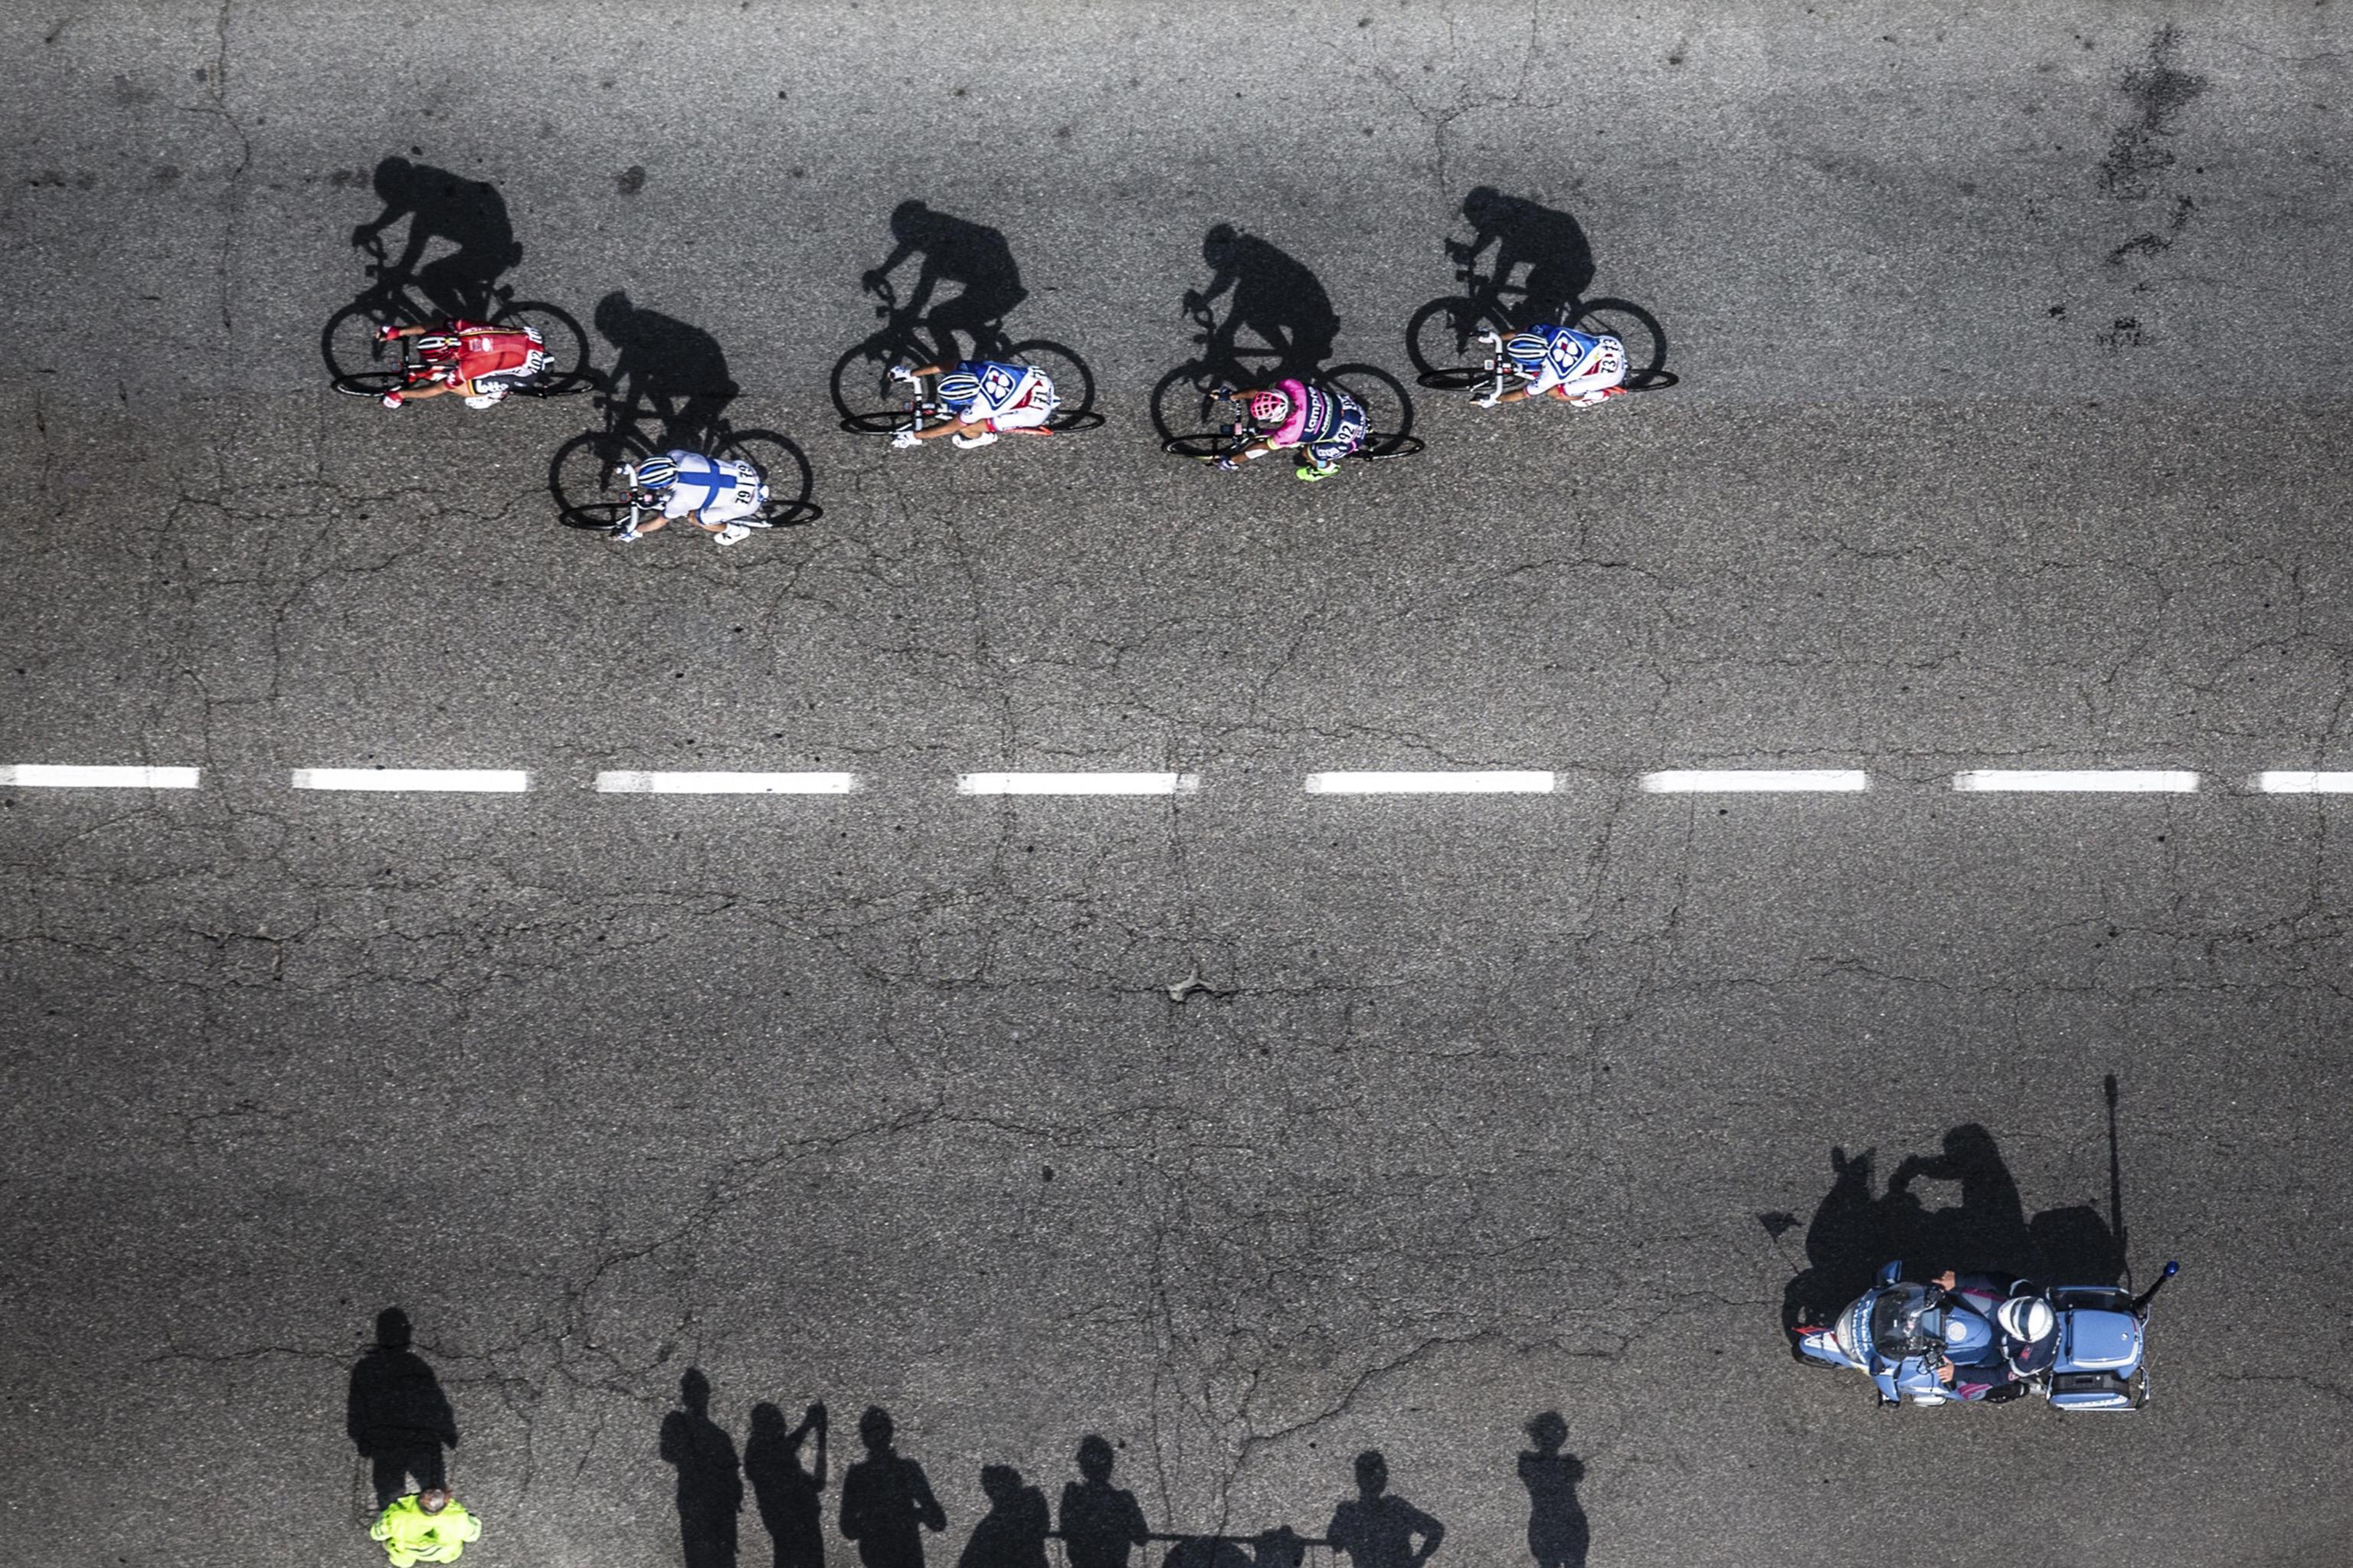 Ciclisti morti in gara, tutte le tragedie che hanno scosso il mondo del ciclismo negli ultimi anni